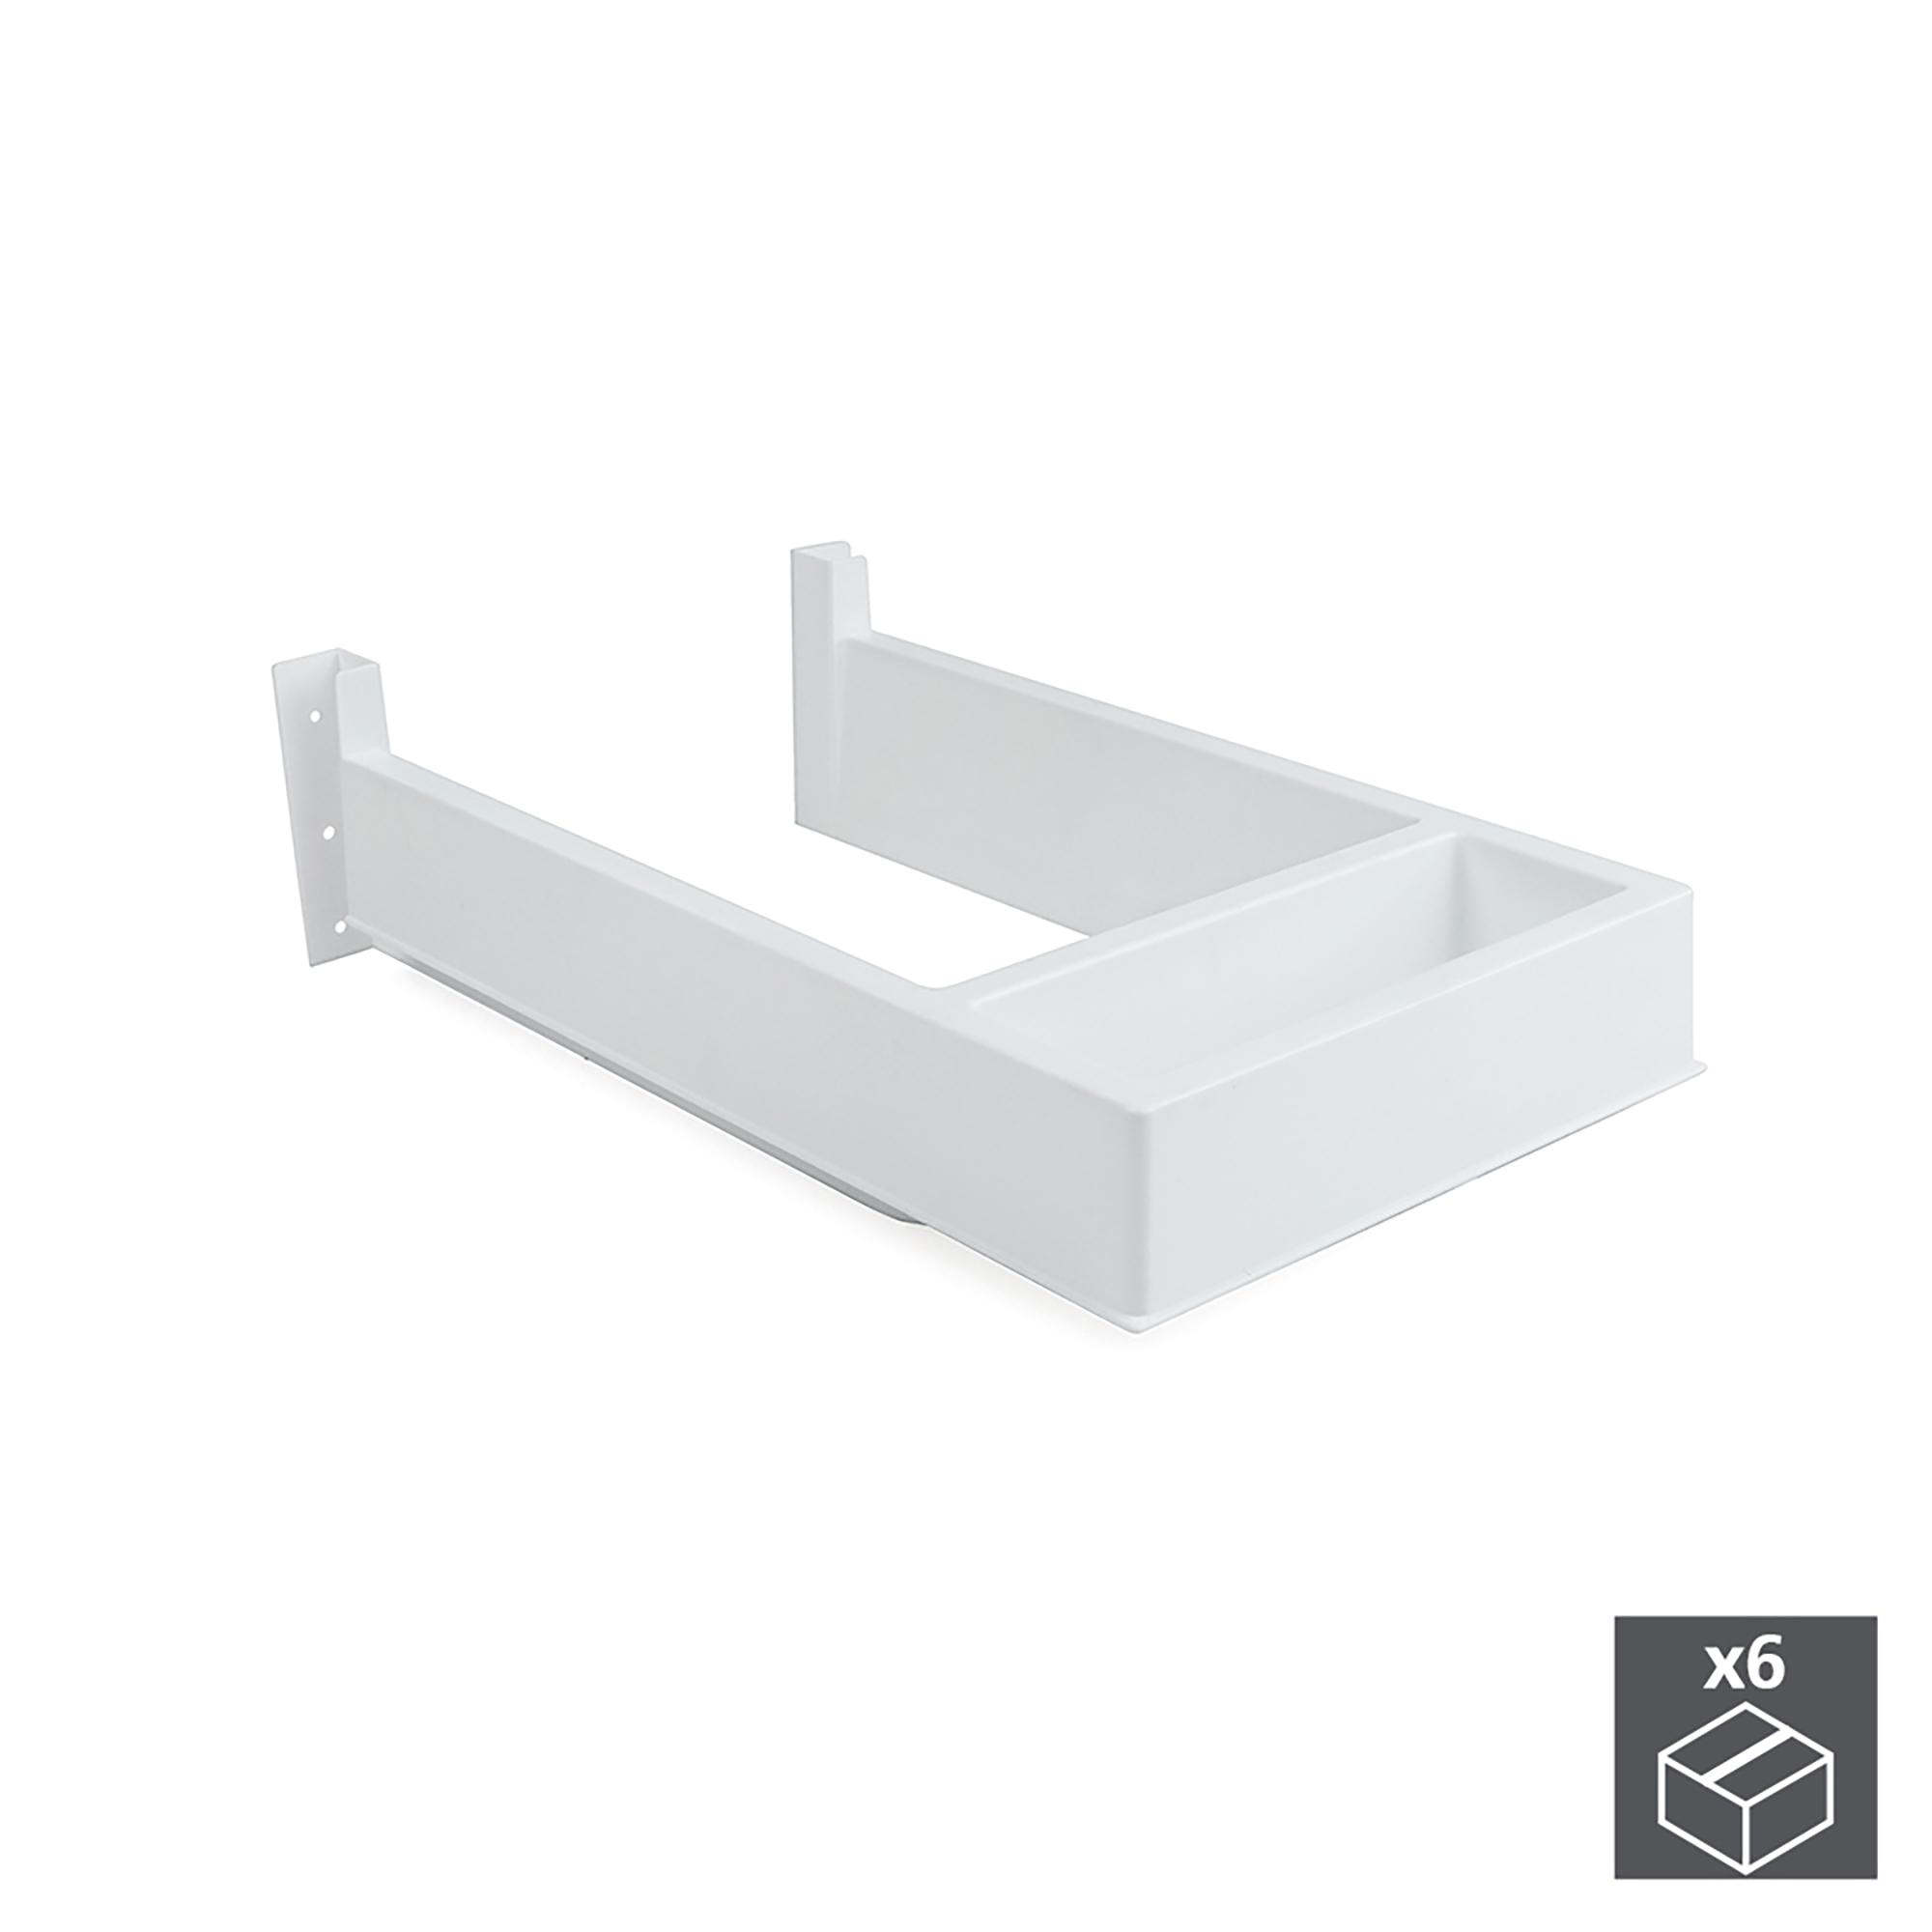 Emuca Salva sifone per cassetti del bagno, rettangolare, Plastica, Bianco, 6 u.